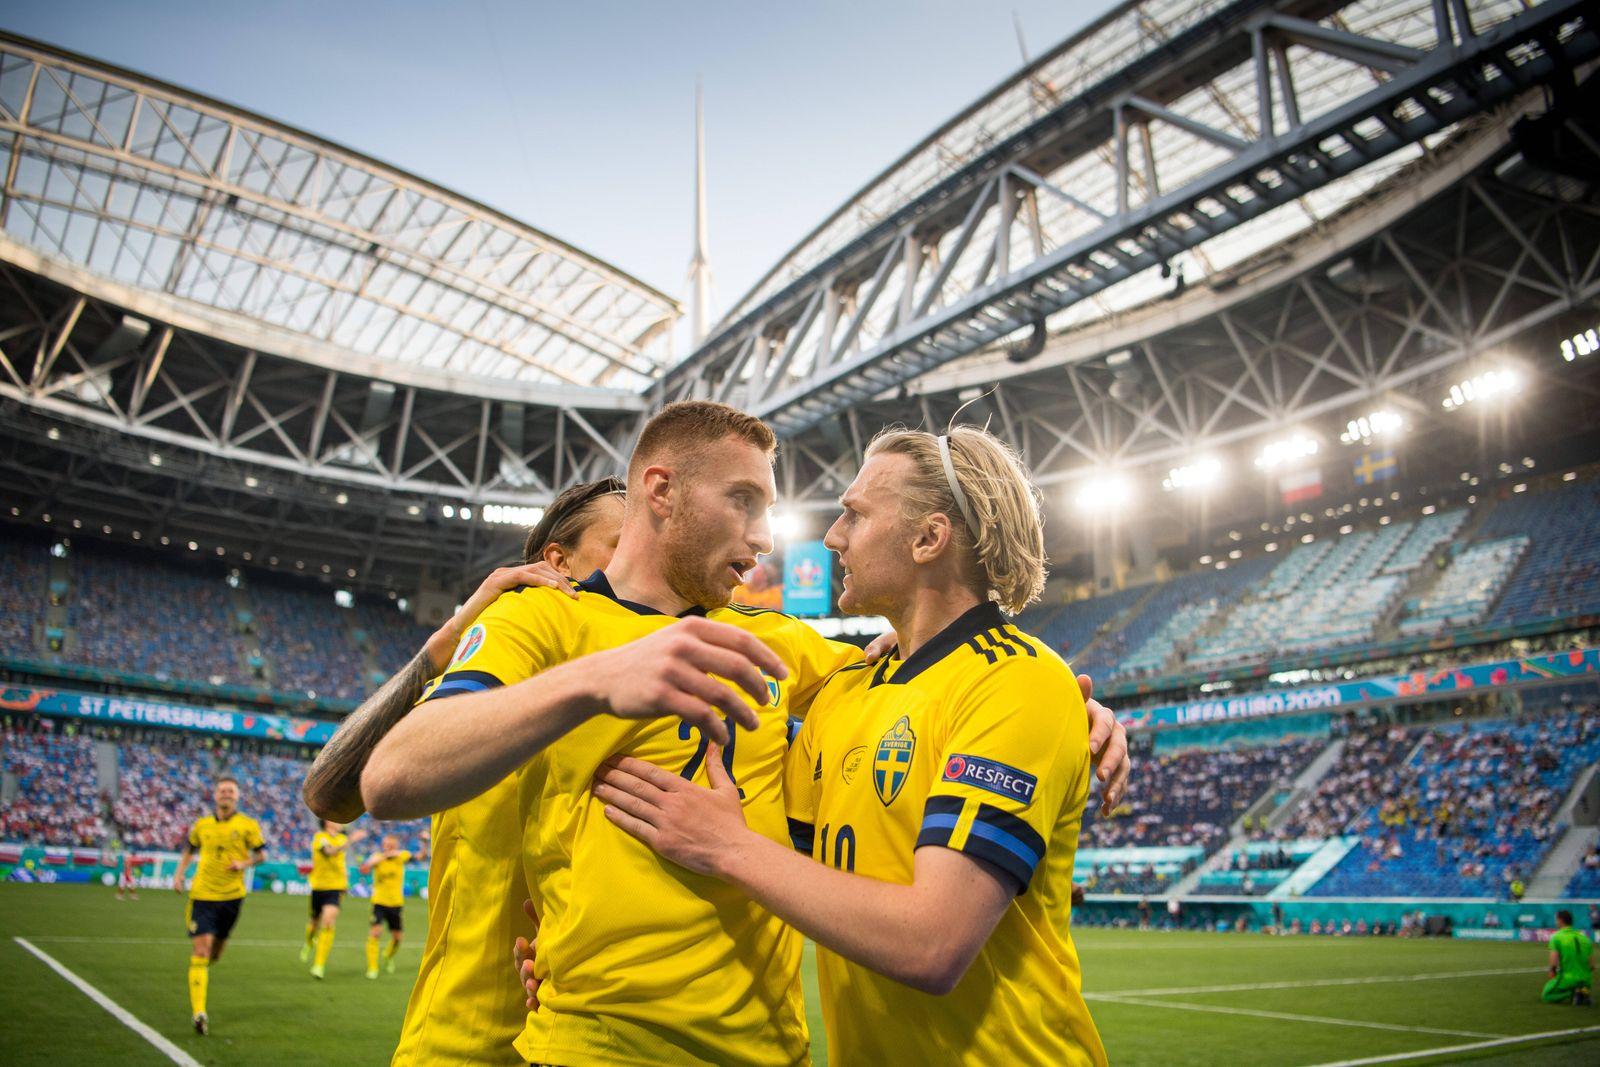 210623 Kristoffer Olsson, Dejan Kulusevski and Emil Forsberg of Sweden celebrate after the 2-0 goal during the UEFA EUR